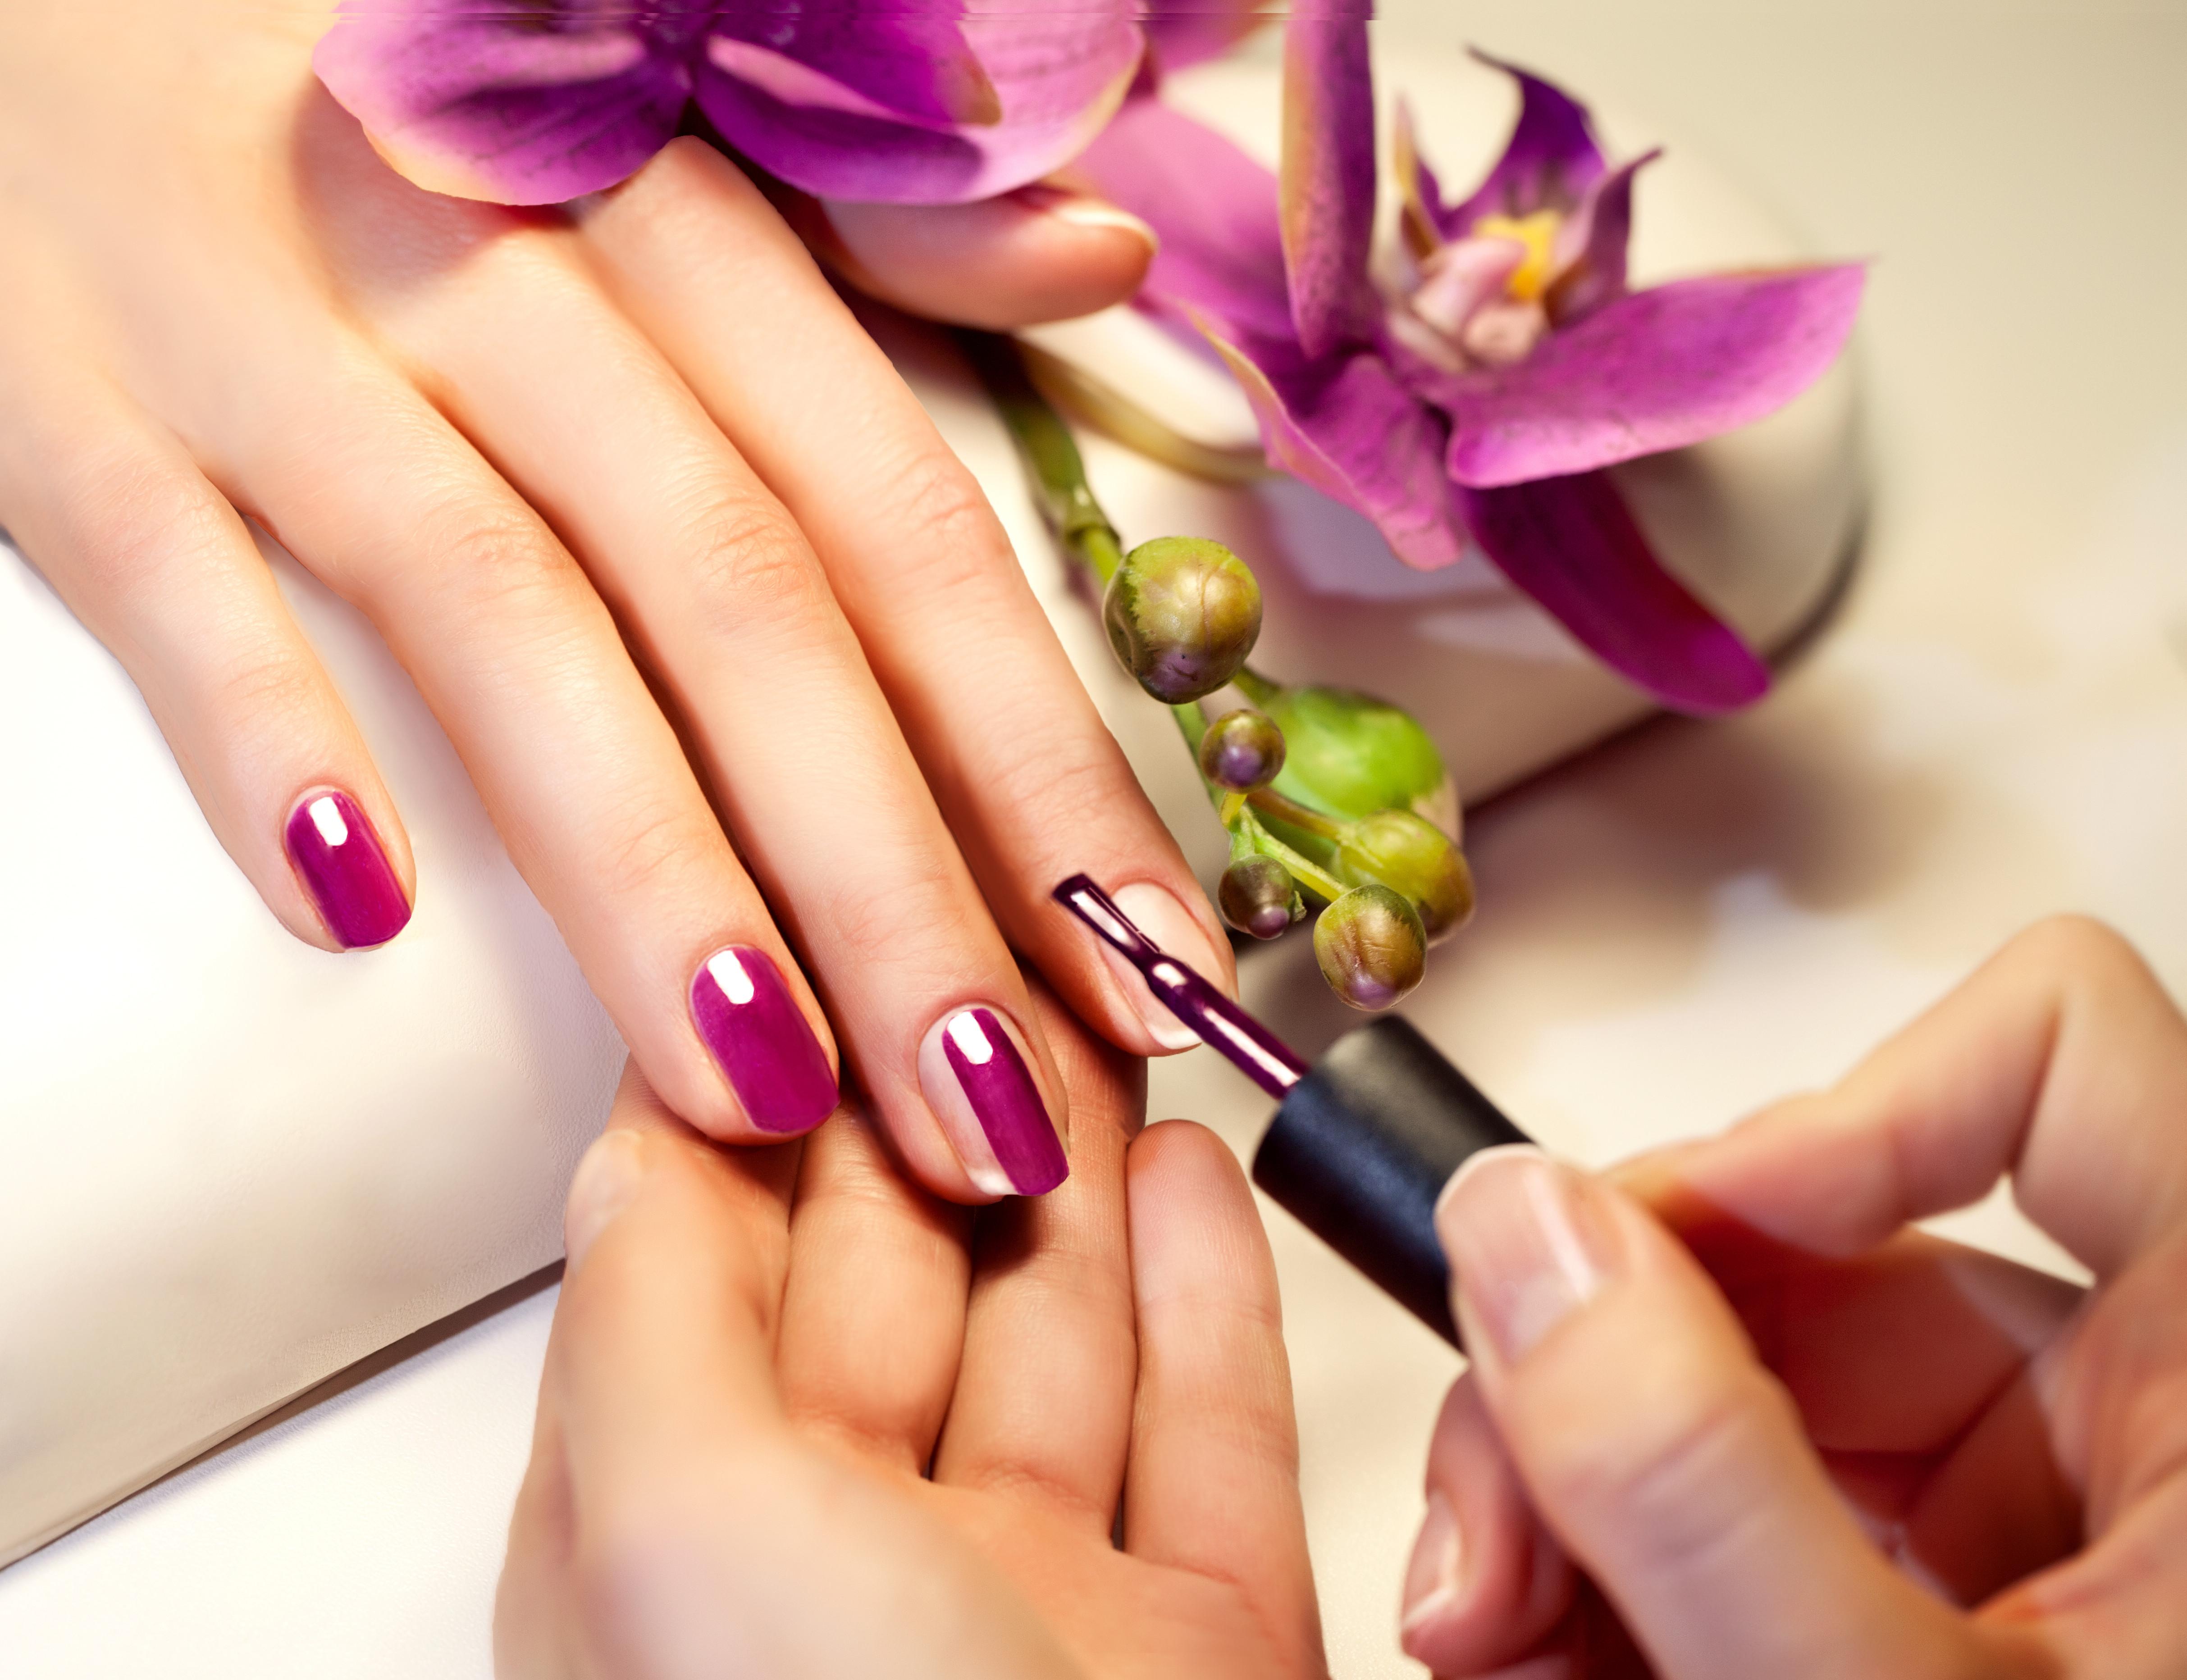 Gel / Shellac manicure